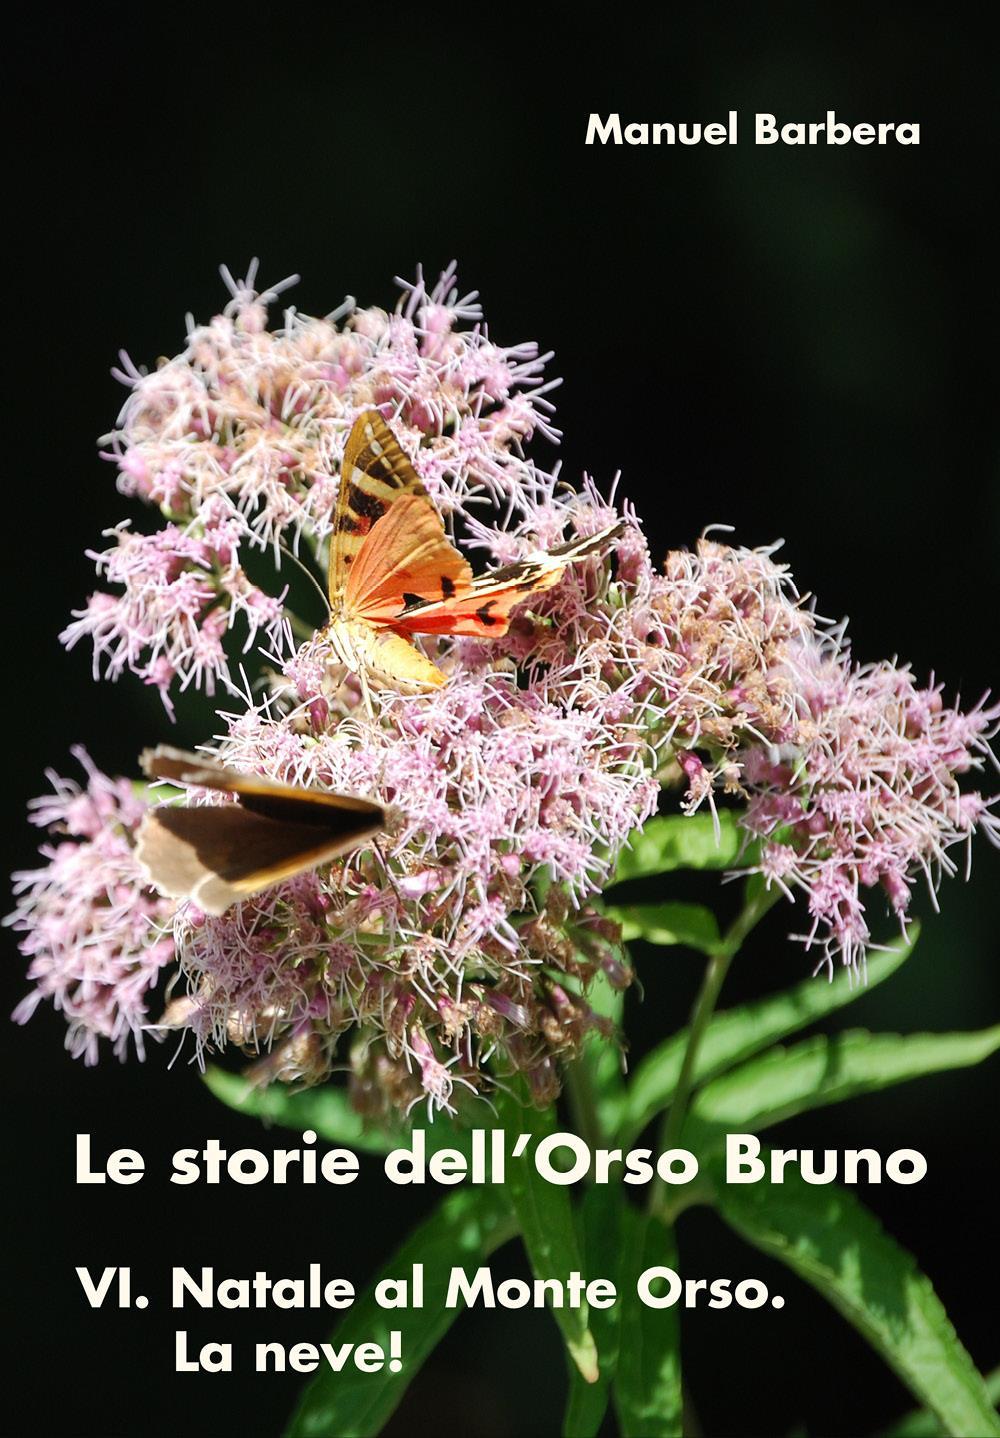 Le storie dell'Orso Bruno VI. Natale al Monte Orso. La neve!